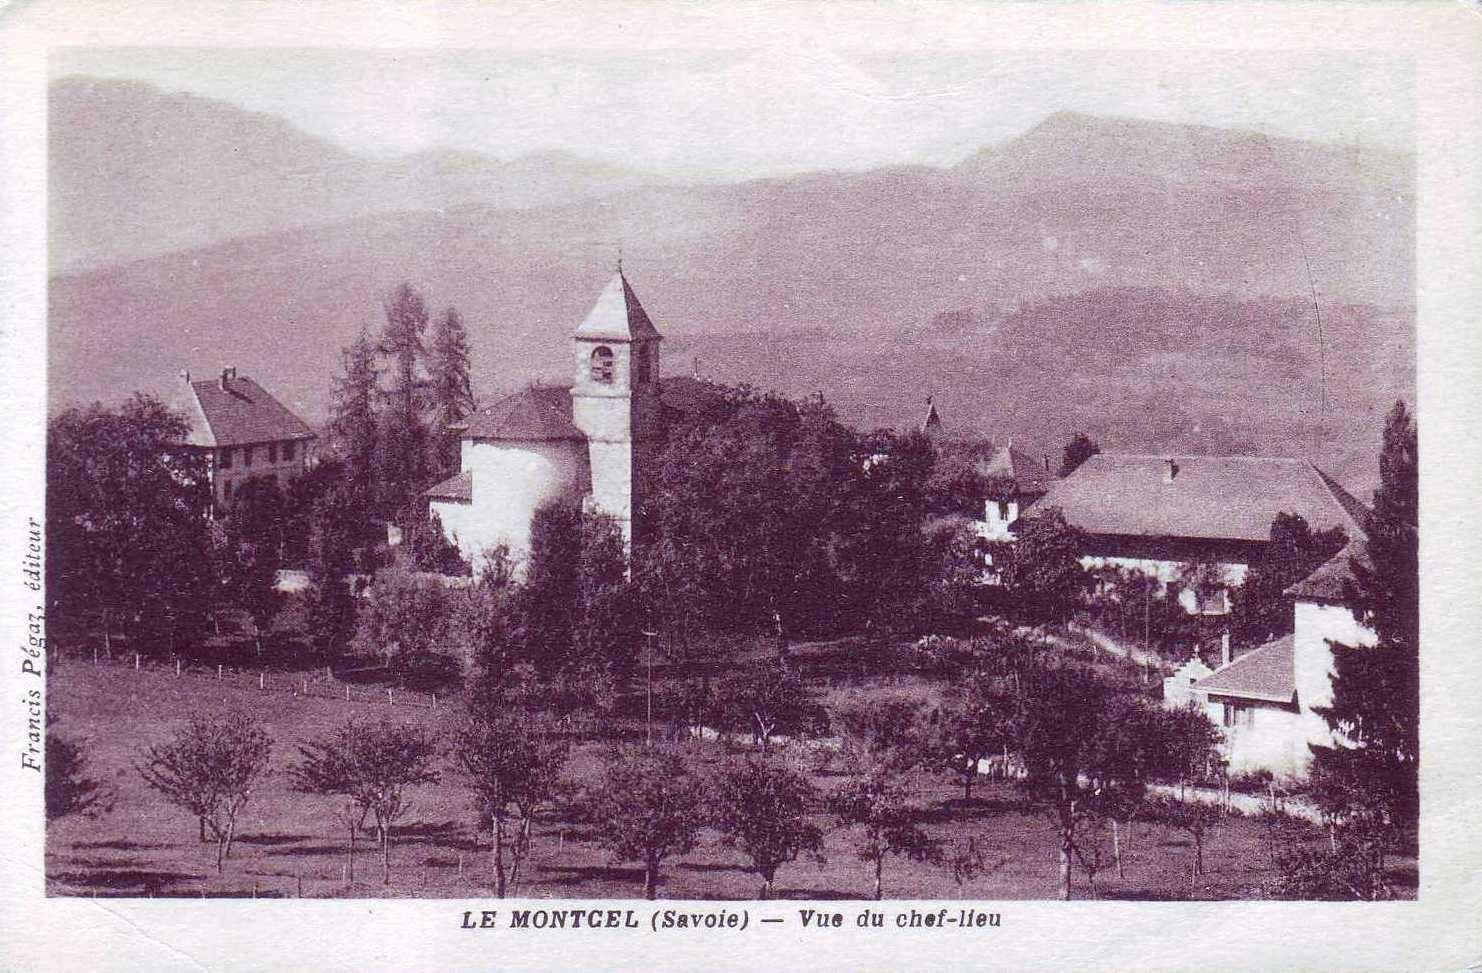 Esecuzioni capitali in Savoia - Gli ultimi casi prima e dopo l'annessione, tra forca e ghigliottina